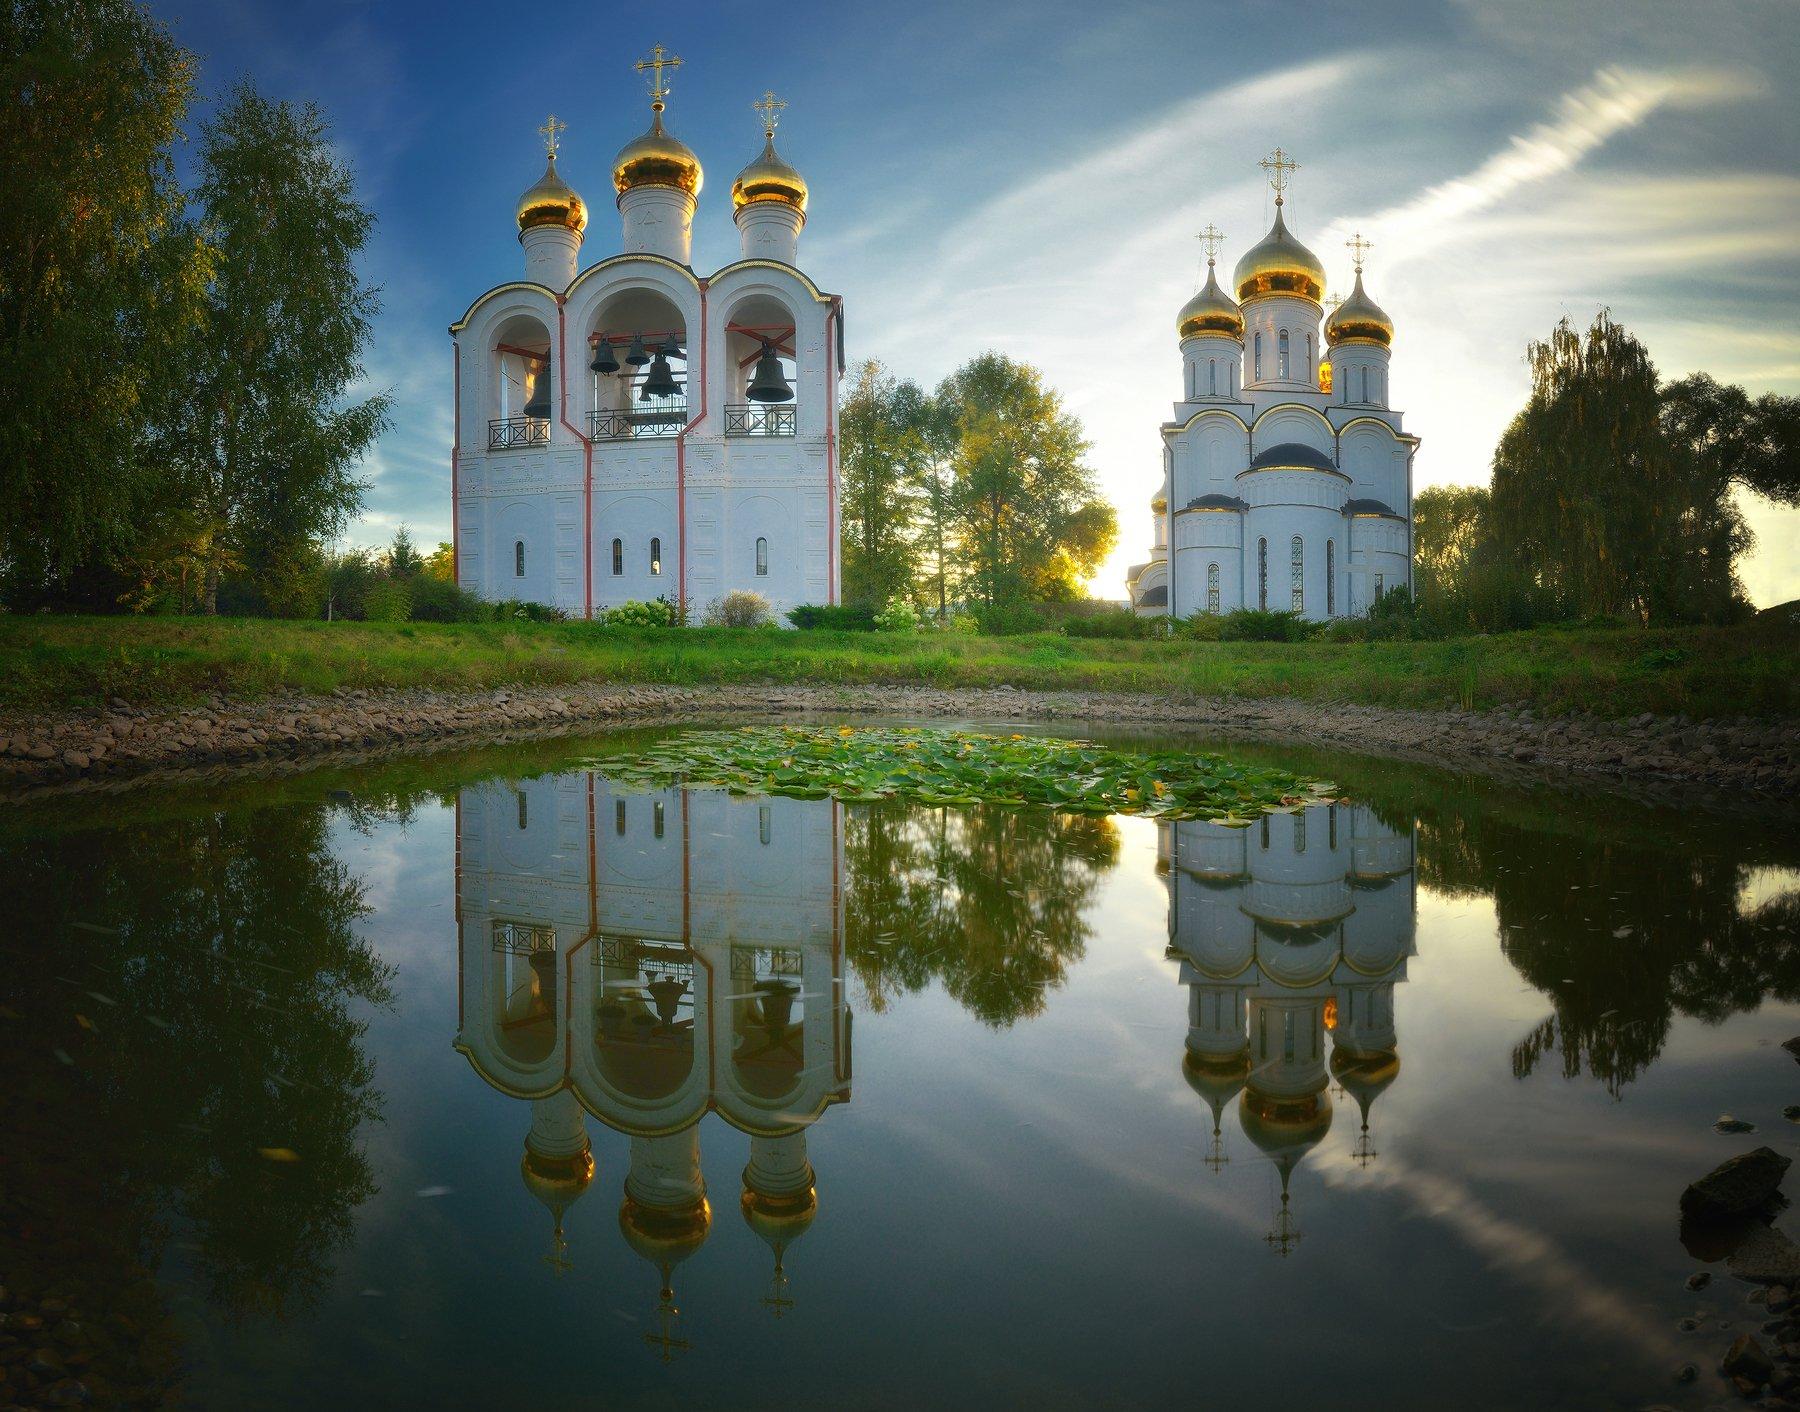 вода, подмосковье, вечер, осень, переславль залесский, Алексей Ник